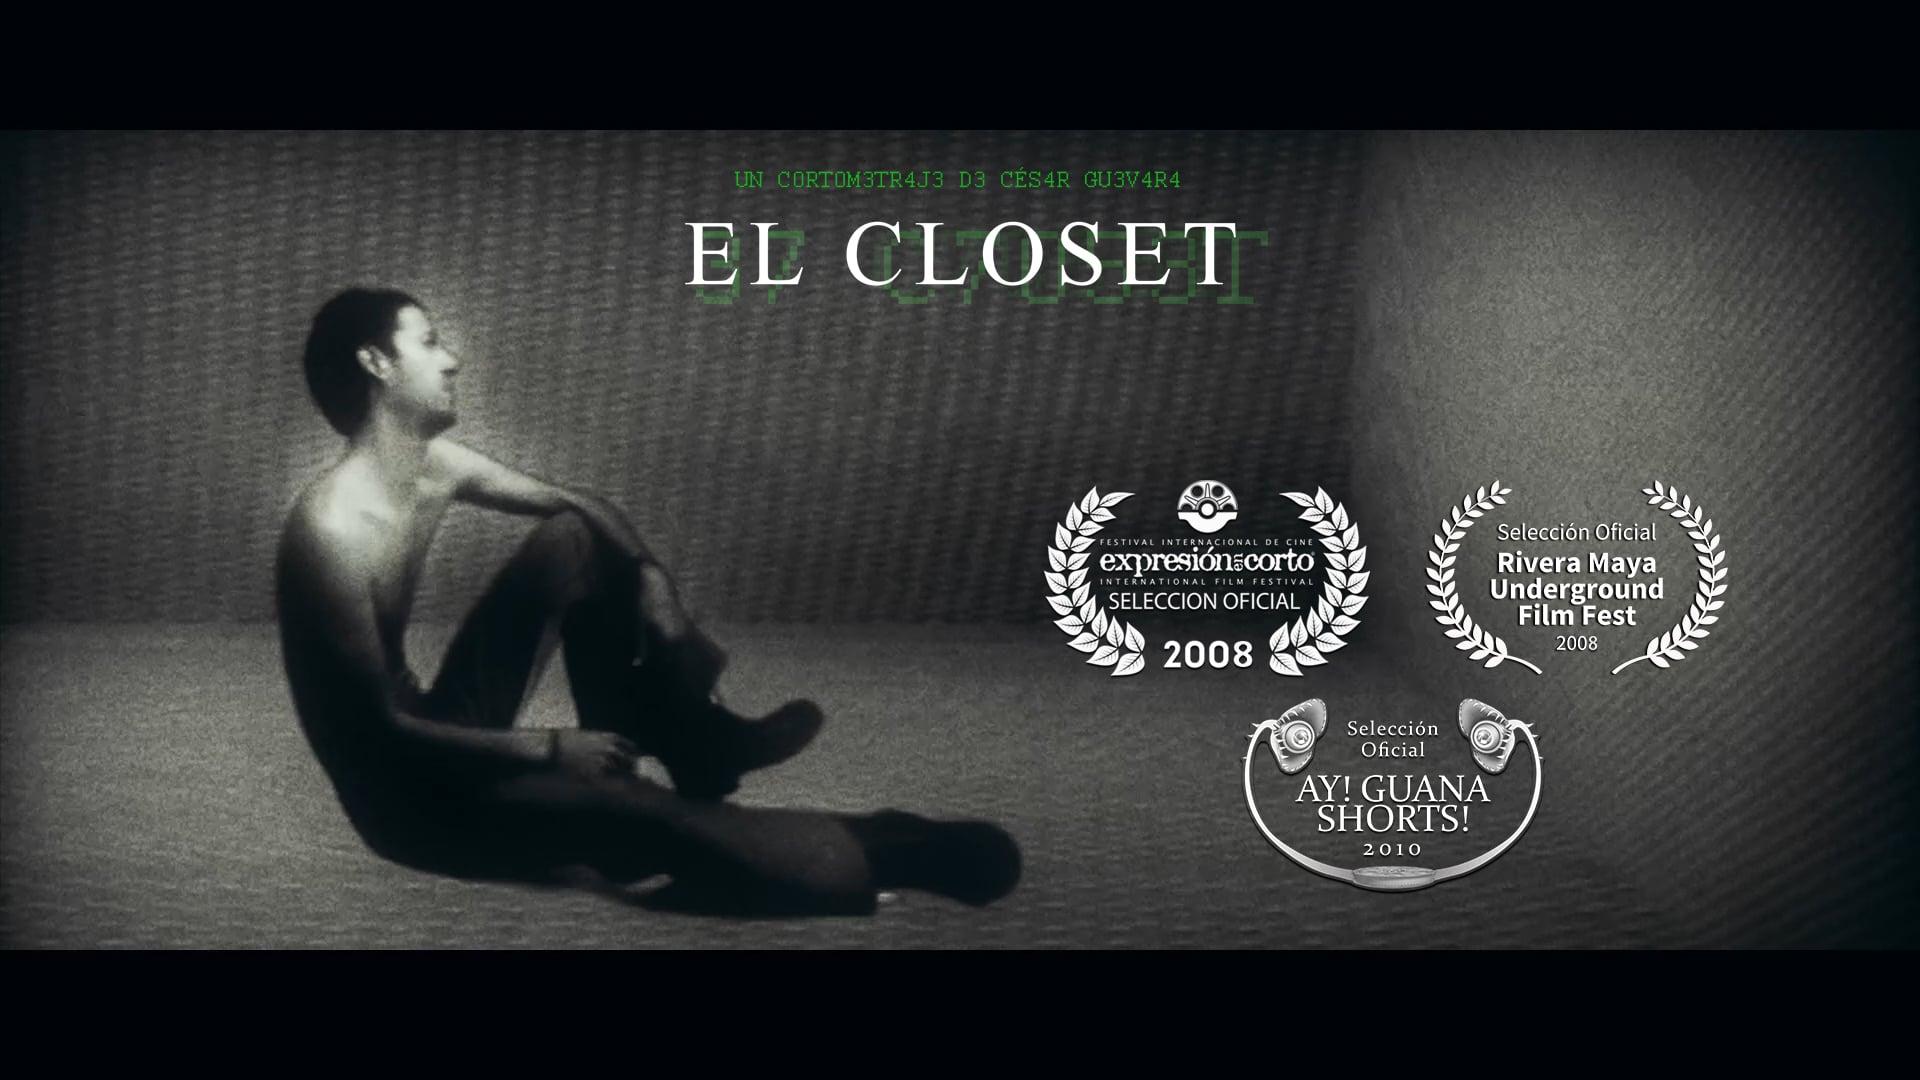 El Closet (The Closet) - 2007 (Redux)